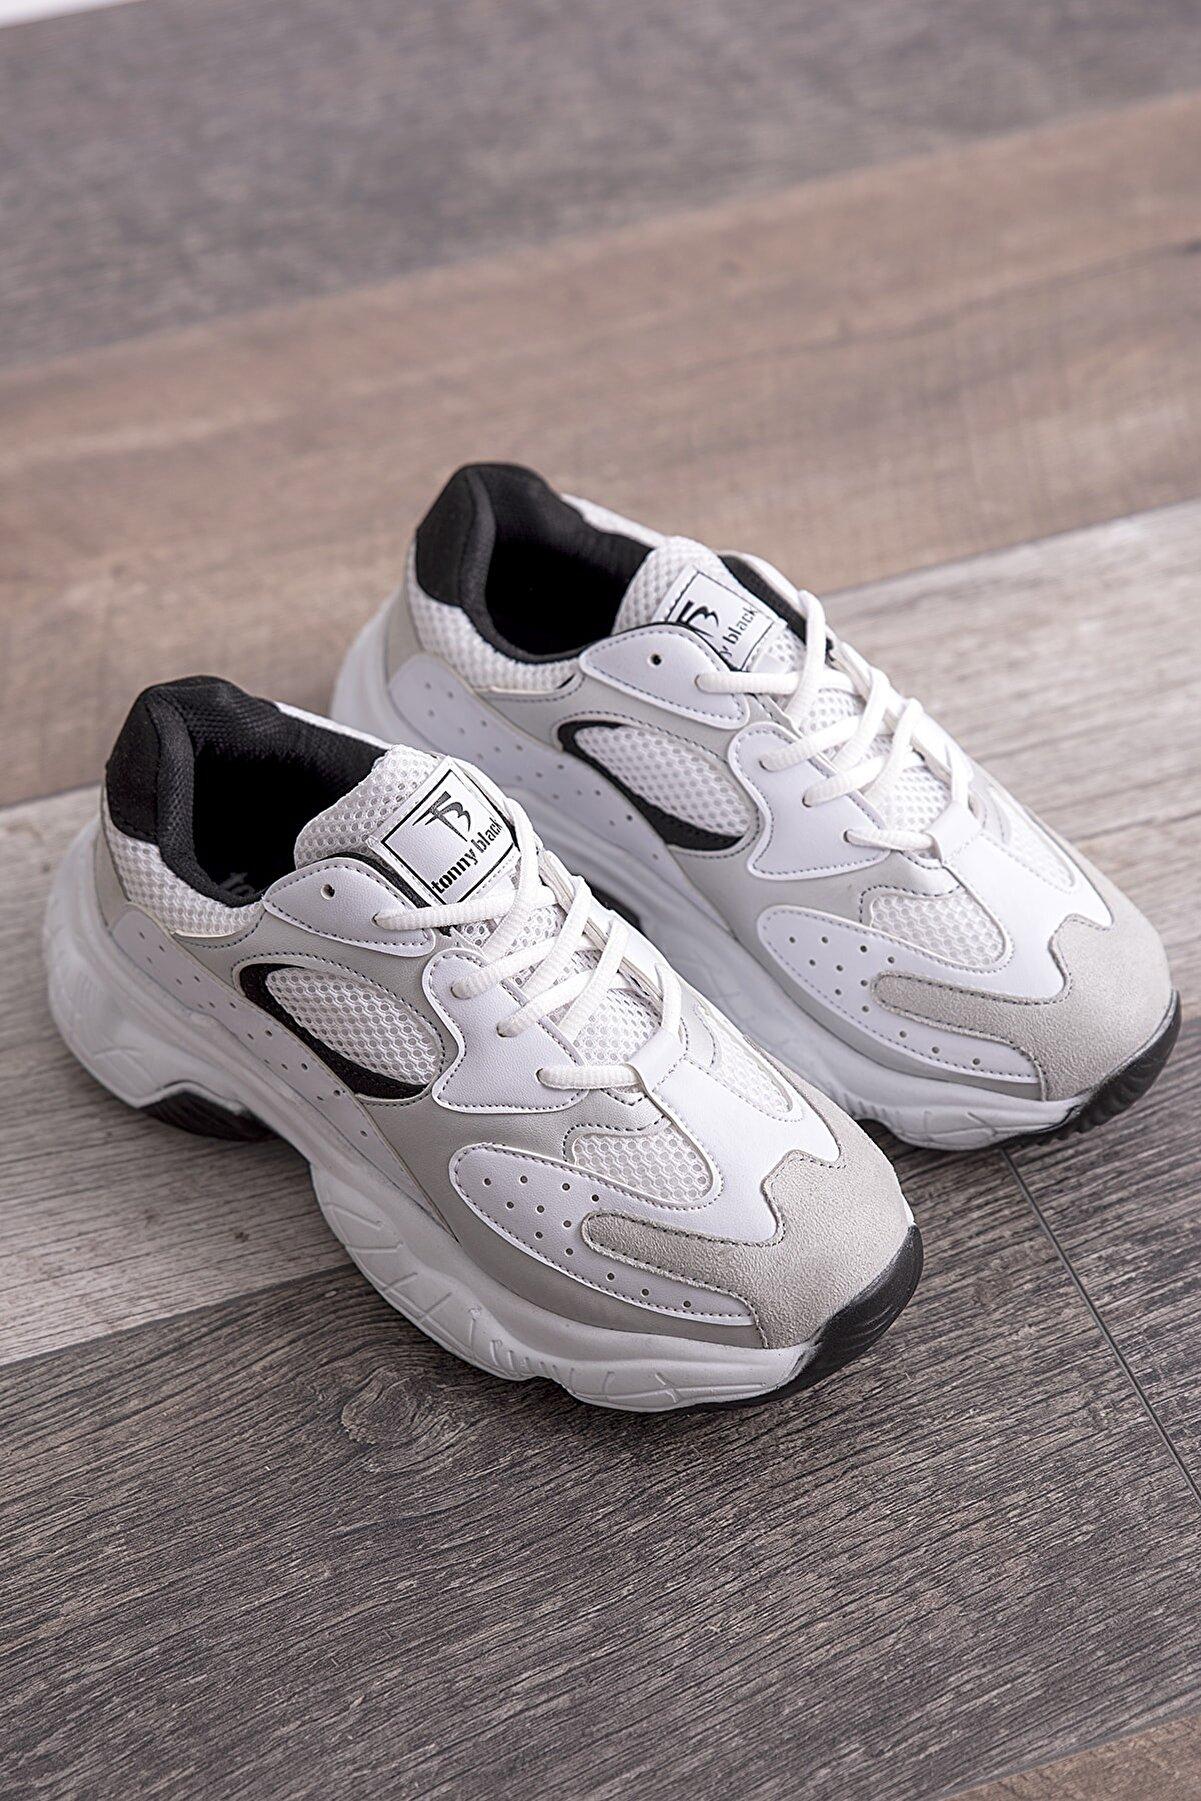 Tonny Black Beyaz Gri Kadın Spor Ayakkabı Beyaz Gri Tb284